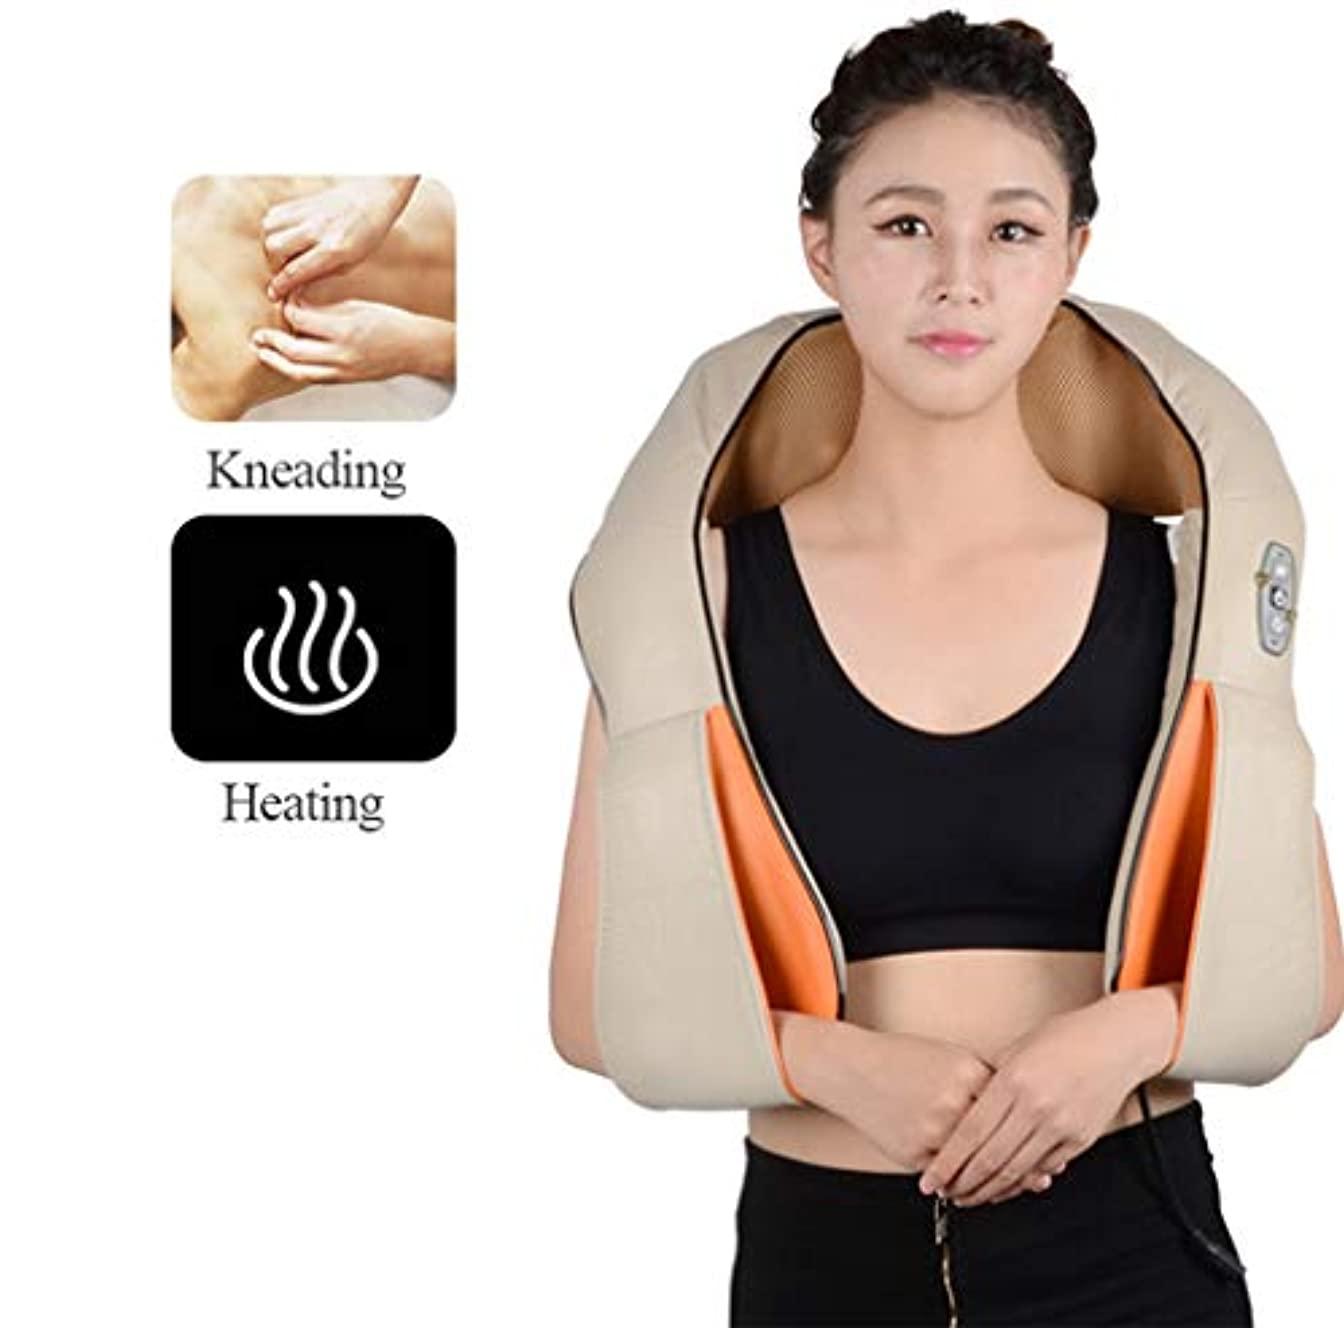 吸収スリム独立して男性のためのギフトのための熱い - 指圧の首のマッサージャーが付いている首の肩の背中のマッサージャー女性のママのお父さん - 筋肉のための深い混練のマッサージ車のオフィスおよび家のリラックス